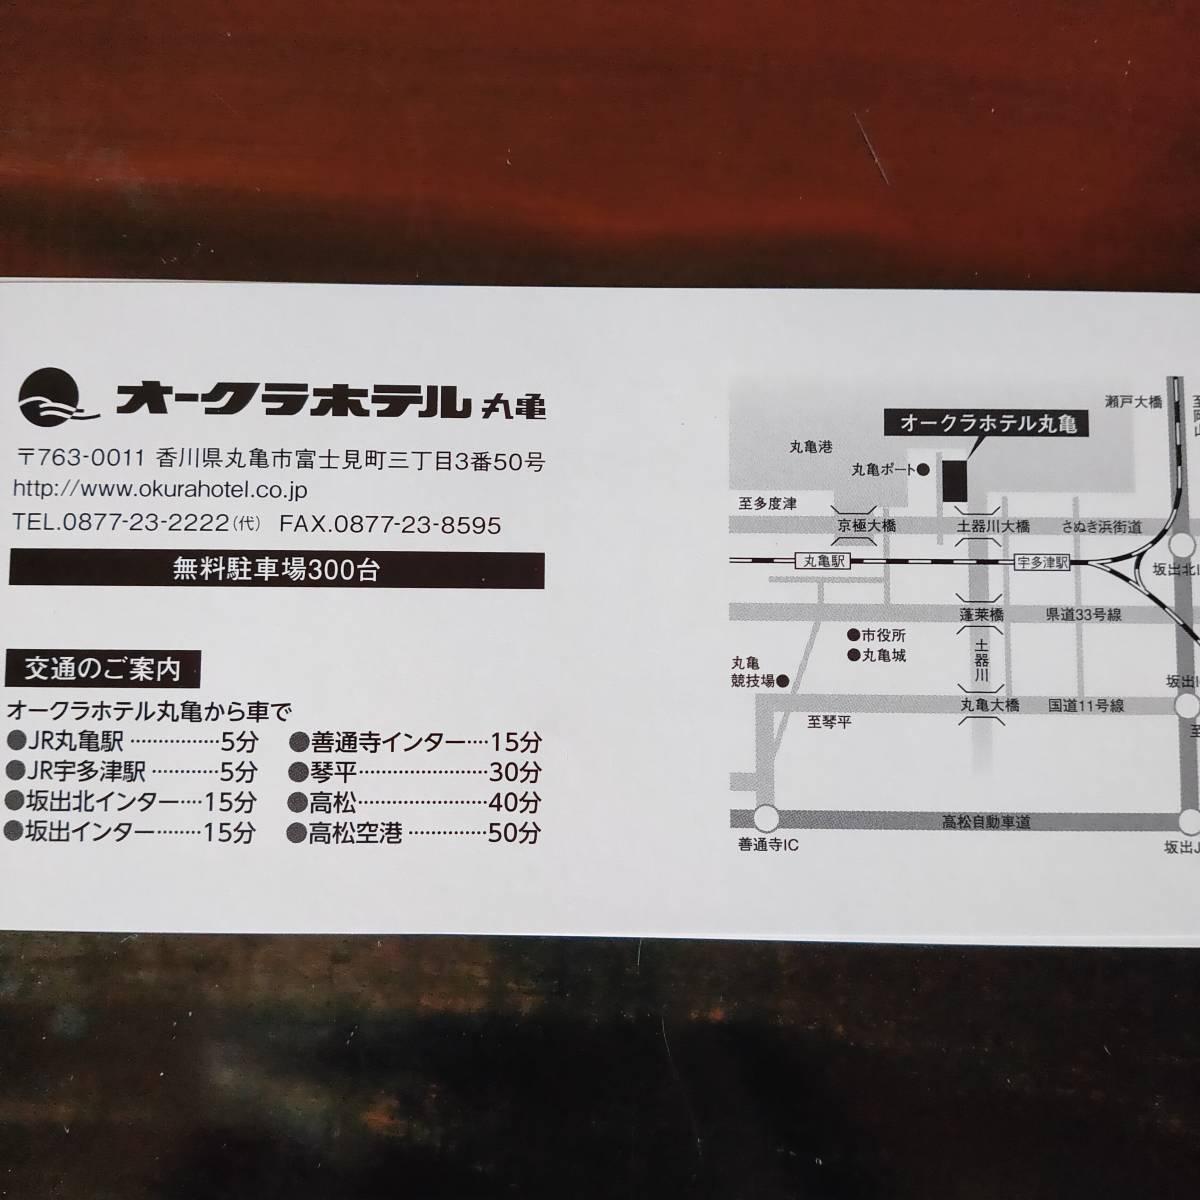 オークラホテル丸亀 株主優待 お食事券 2000円分 大倉工業 株主優待券_画像2